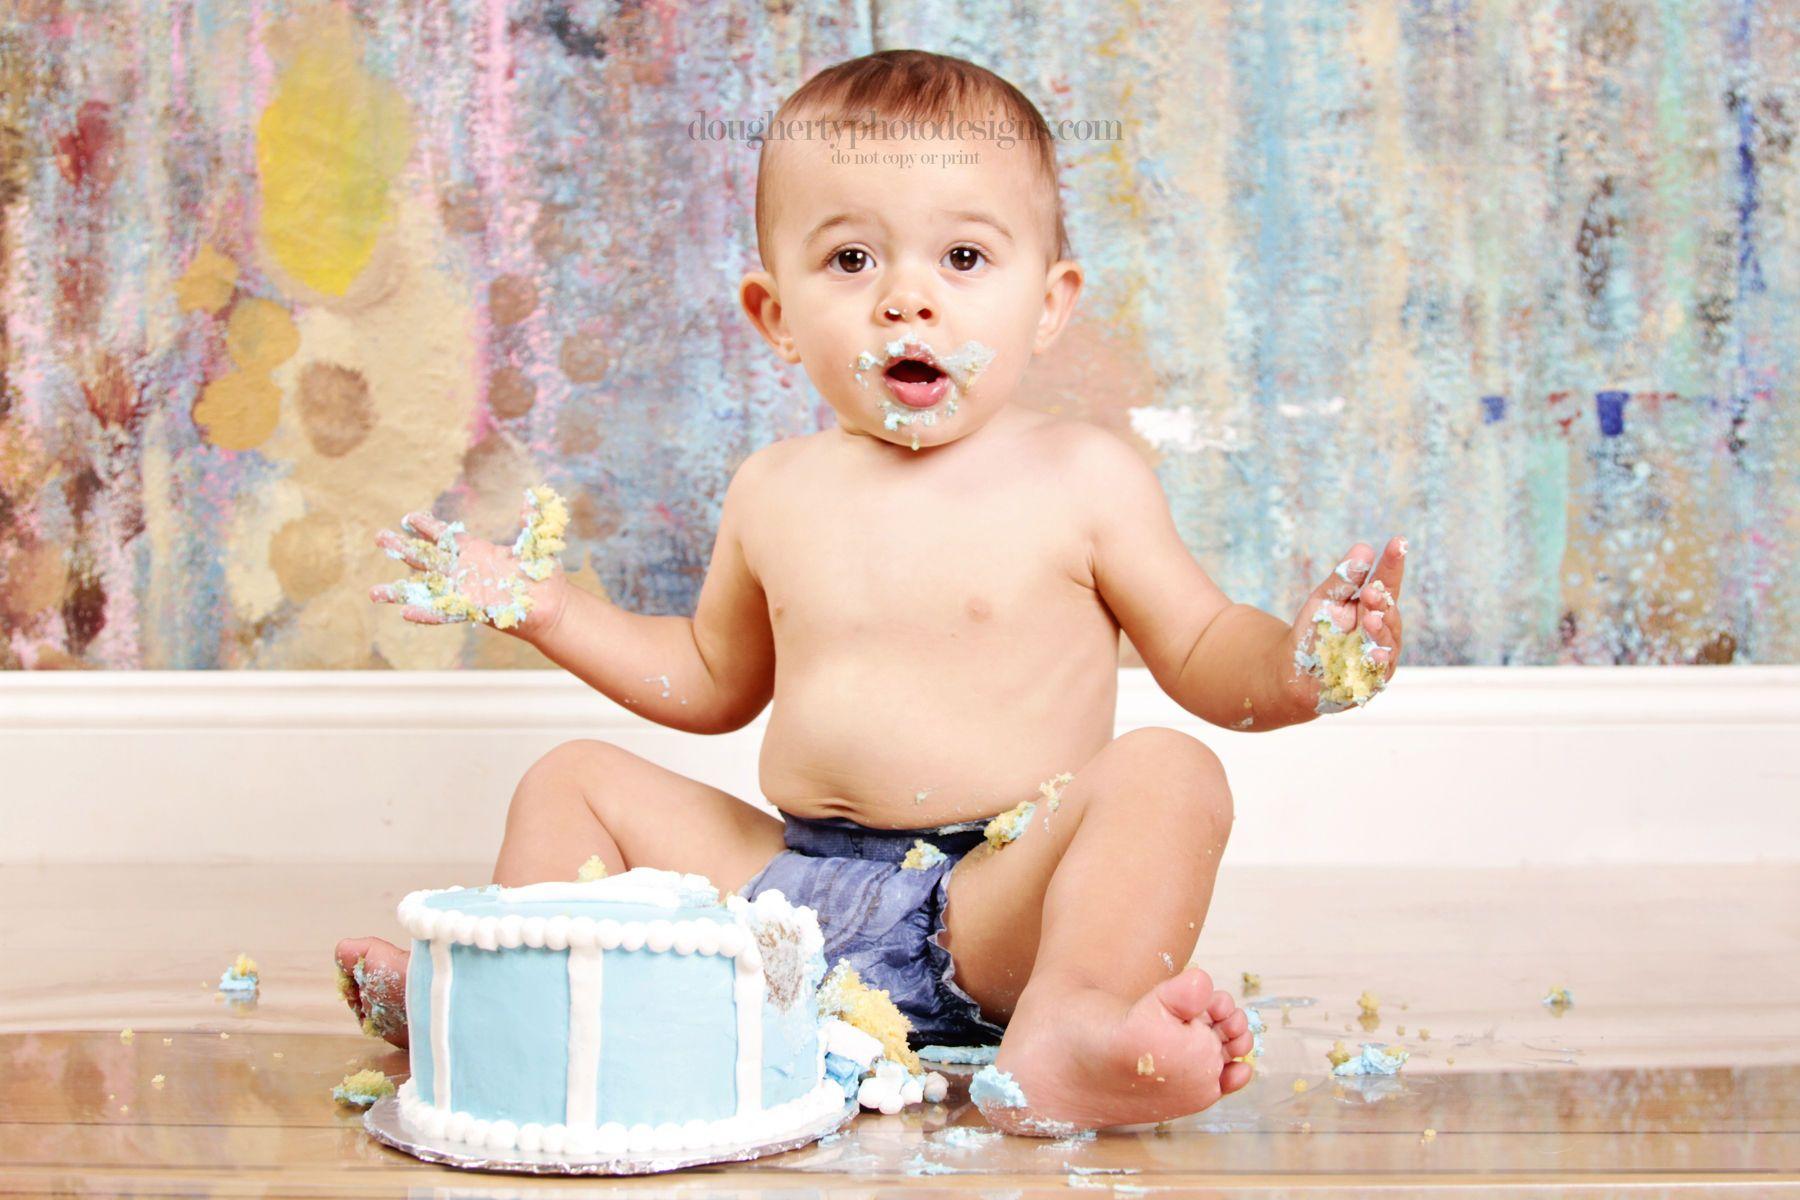 bobby's 1st birthday cake smash